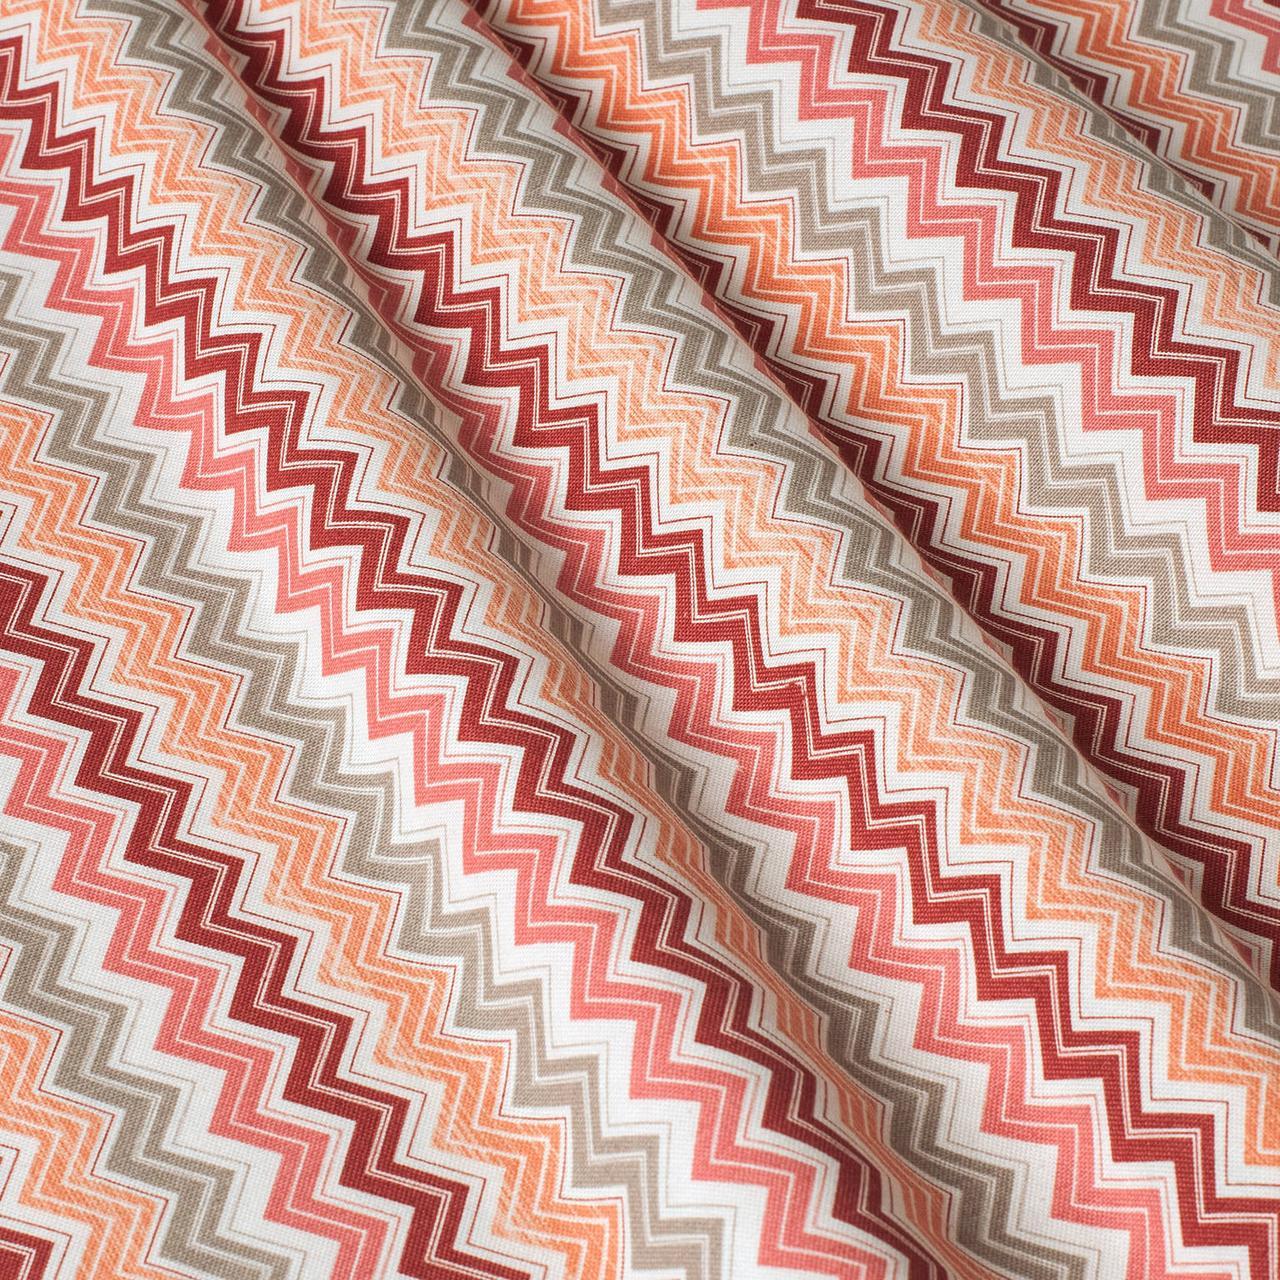 Декоративна тканина зигзаги міссоні рожеві білі Туреччина 88005v3